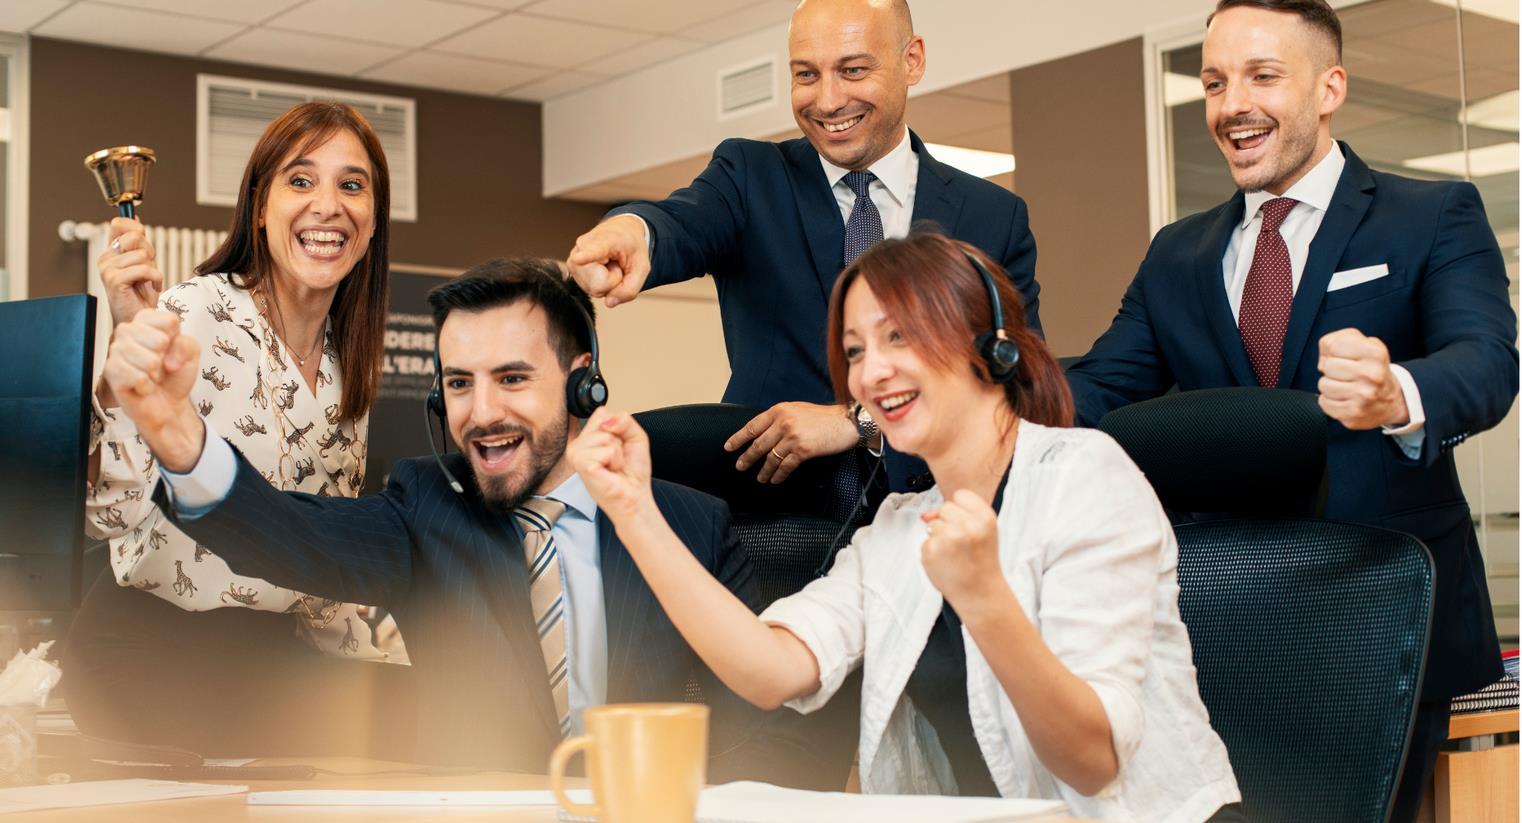 Servizi Per Agenti Immobiliari regold - servizi per agenti immobiliari